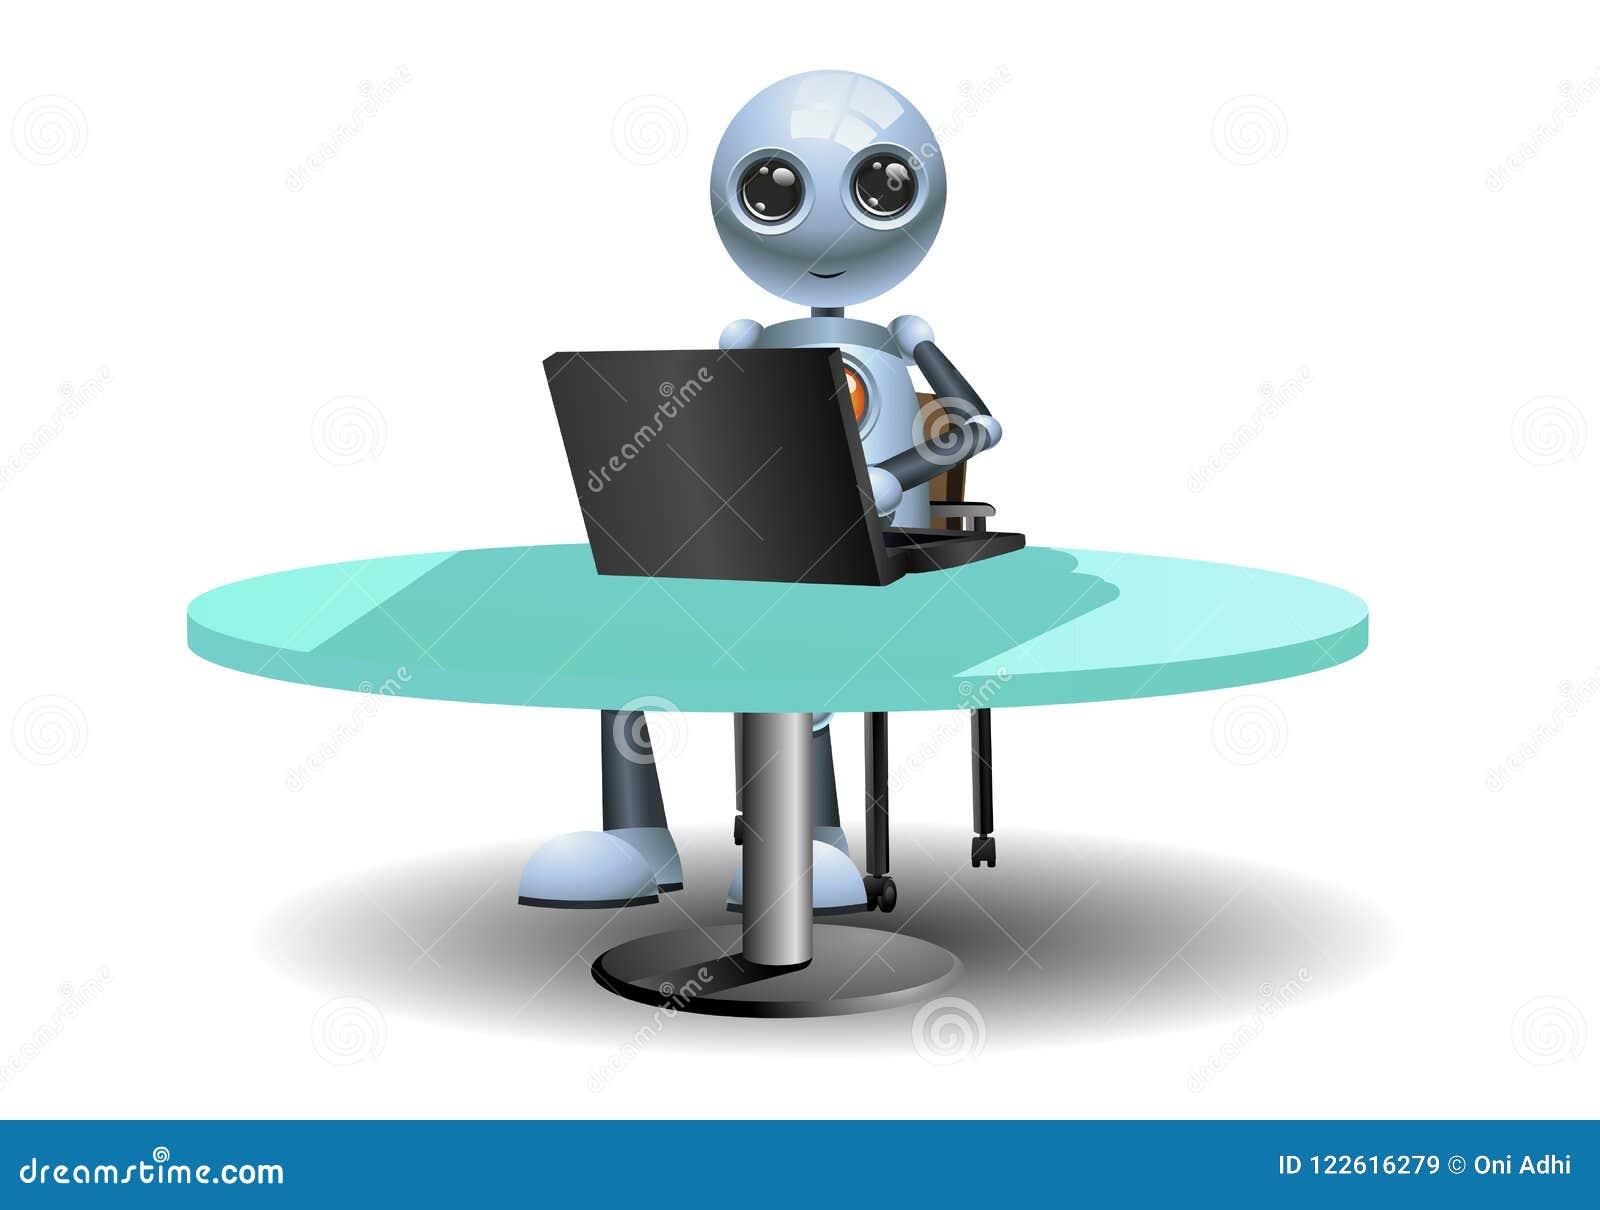 Little robots work using computer